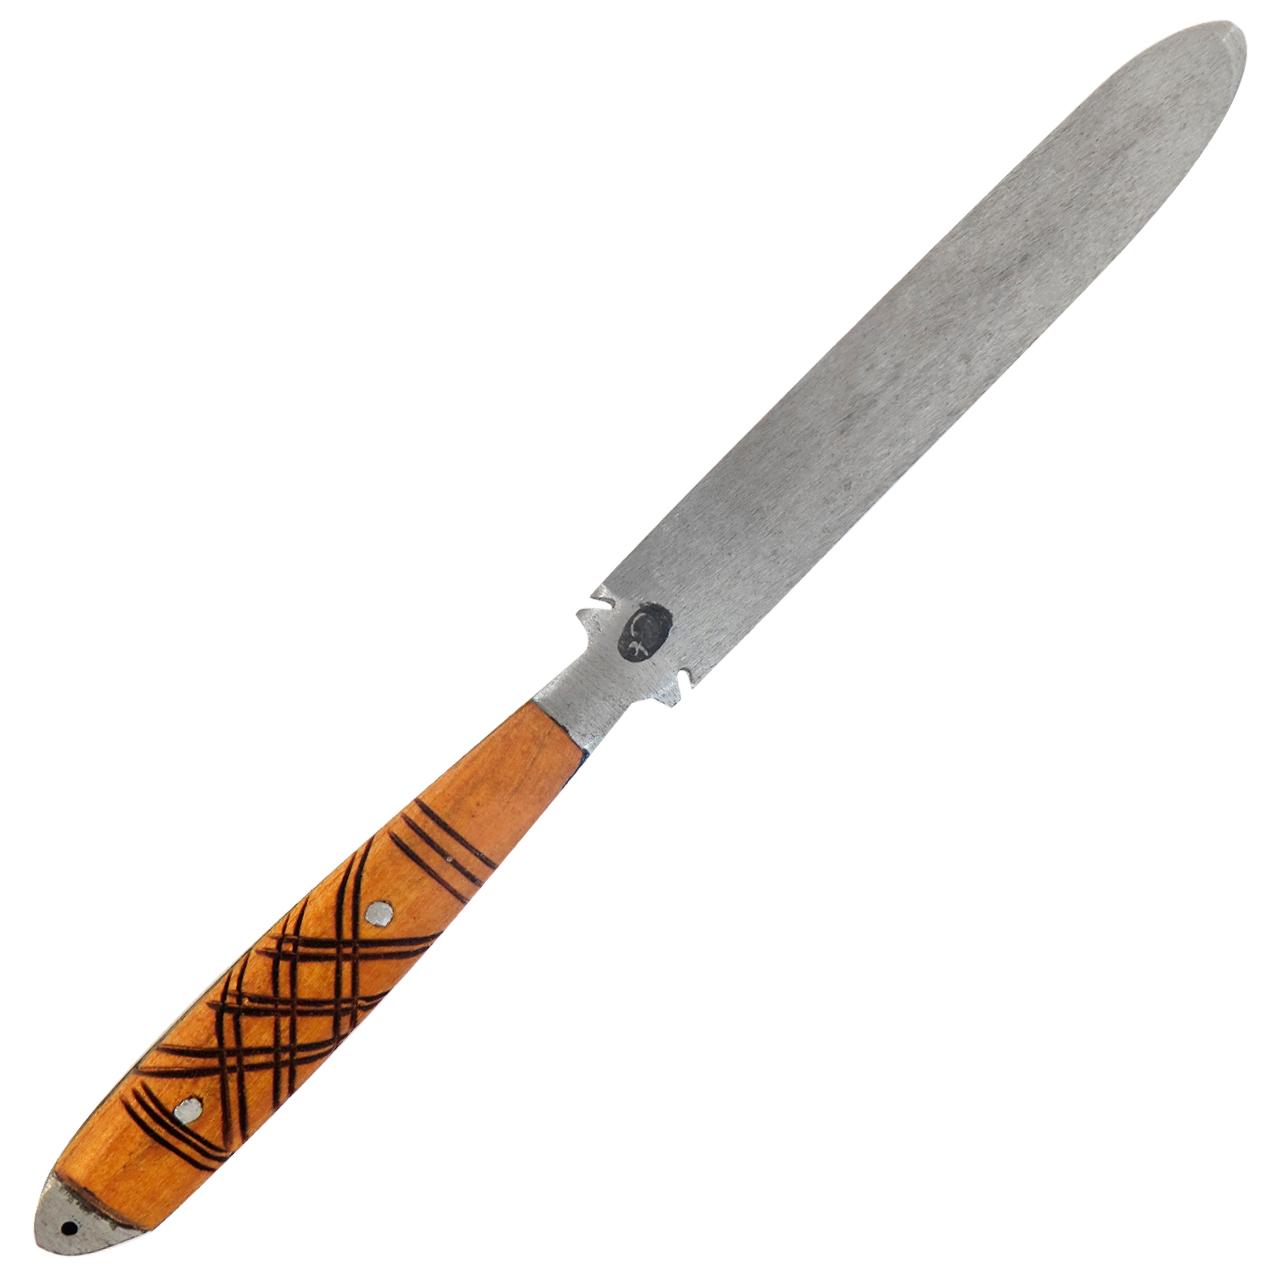 چاقو تیزکن مدل مصقل کد 02